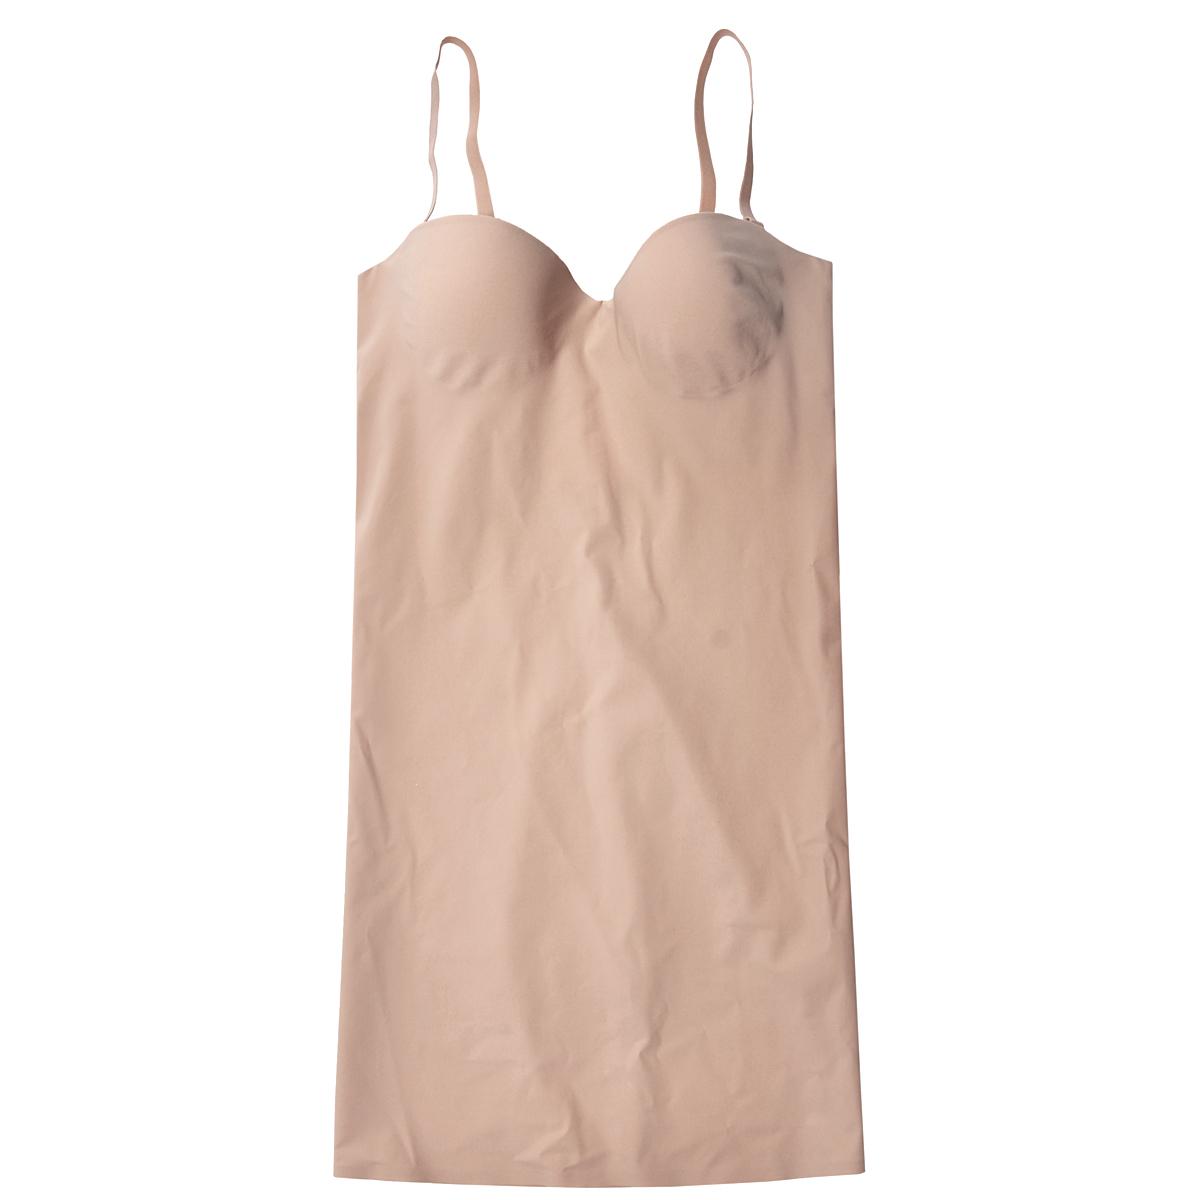 Платье Magic BodyFashion Shape-Up Dress, корректирующее, цвет: бежевый. 18SD. Размер 80B18SDКорректирующее платье Magic BodyFashion Shape-Up Dress на тонких съемных регулируемых бретелях очень удобное и комфортное в носке. Модель с высокой степенью утяжки по всей поверхности придает фигуре желаемые очертания. Бюстгальтер с каркасом поддержит вашу грудь в любых обстоятельствах, сзади застегивается на три крючка в трех позициях.Крой платья необычен, благодаря чему его невозможно заметить под любой одеждой, оно практически не ощущается на коже, позволяет чувствовать себя комфортно и легко. Изделие позволяет приобрести выразительные линии своего тела за считанные секунды (можно скрыть все лишнее и придать объем там, где необходимо).Белье Magic BodyFashion создано для тех, кто стремится к безупречности своего стиля. Именно благодаря ему огромное количество женщин чувствуют себя поистине соблазнительными, привлекательными и не на шутку уверенными в себе.